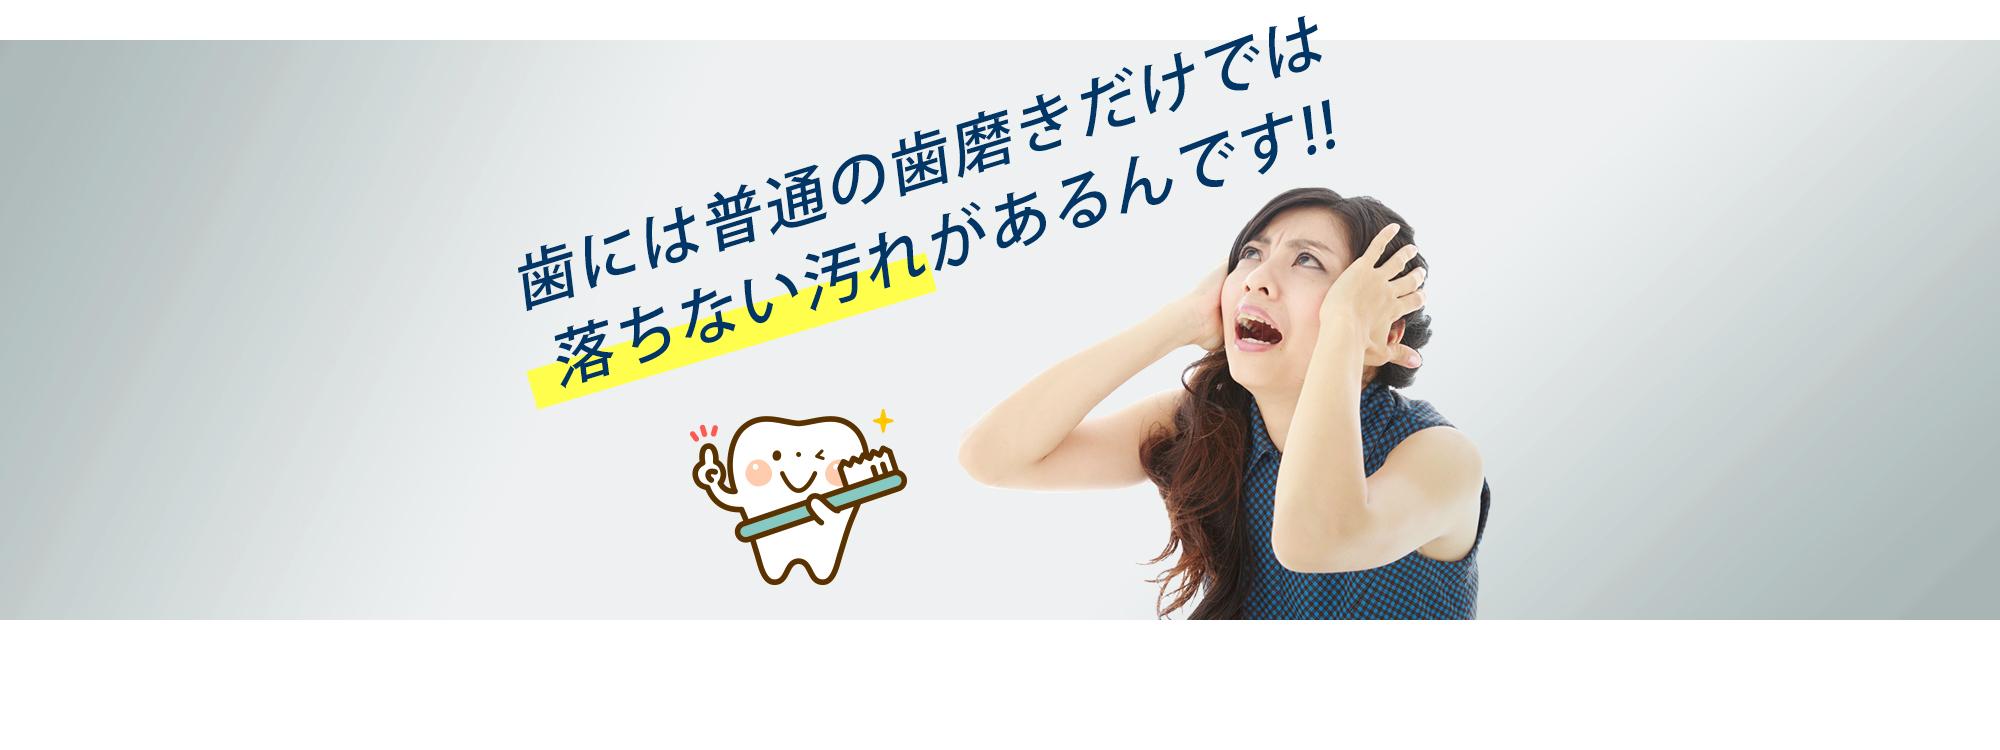 歯には普通の歯磨きだけでは落ちない汚れがあるんです。